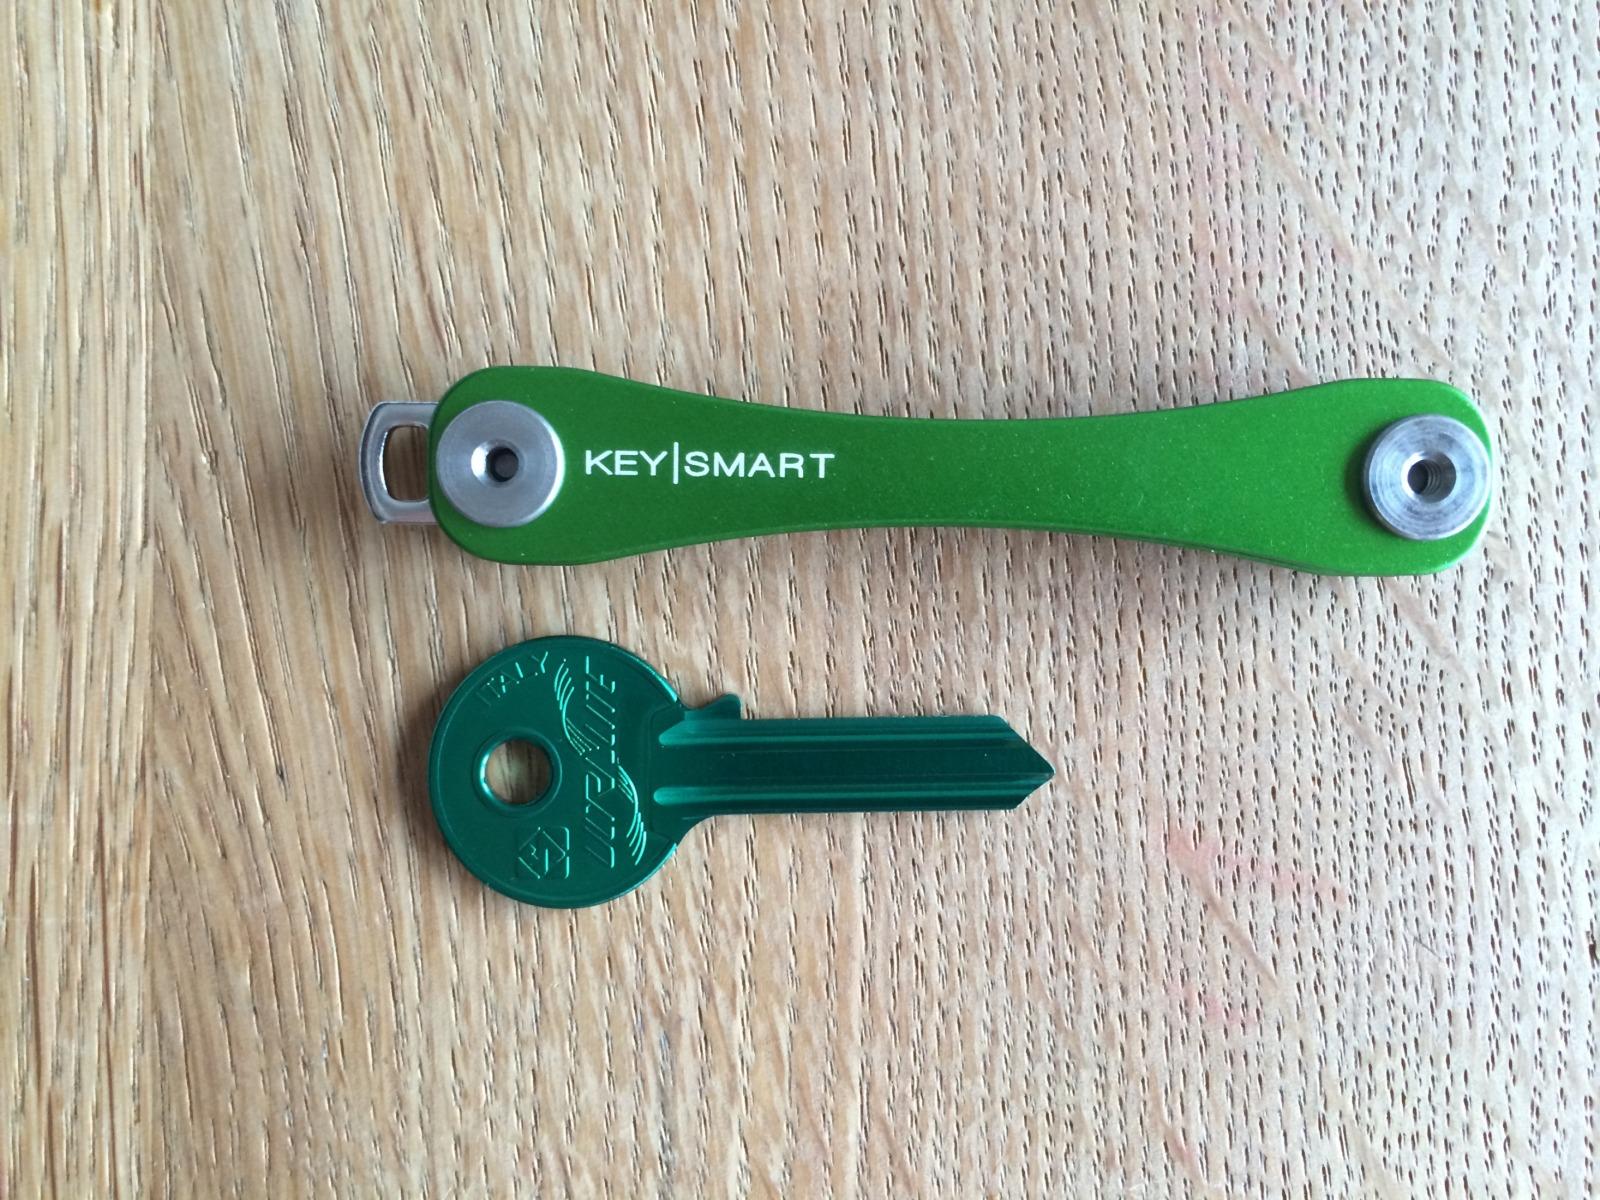 Ultralite-Ersatzschlüssel für den Keysmart 8